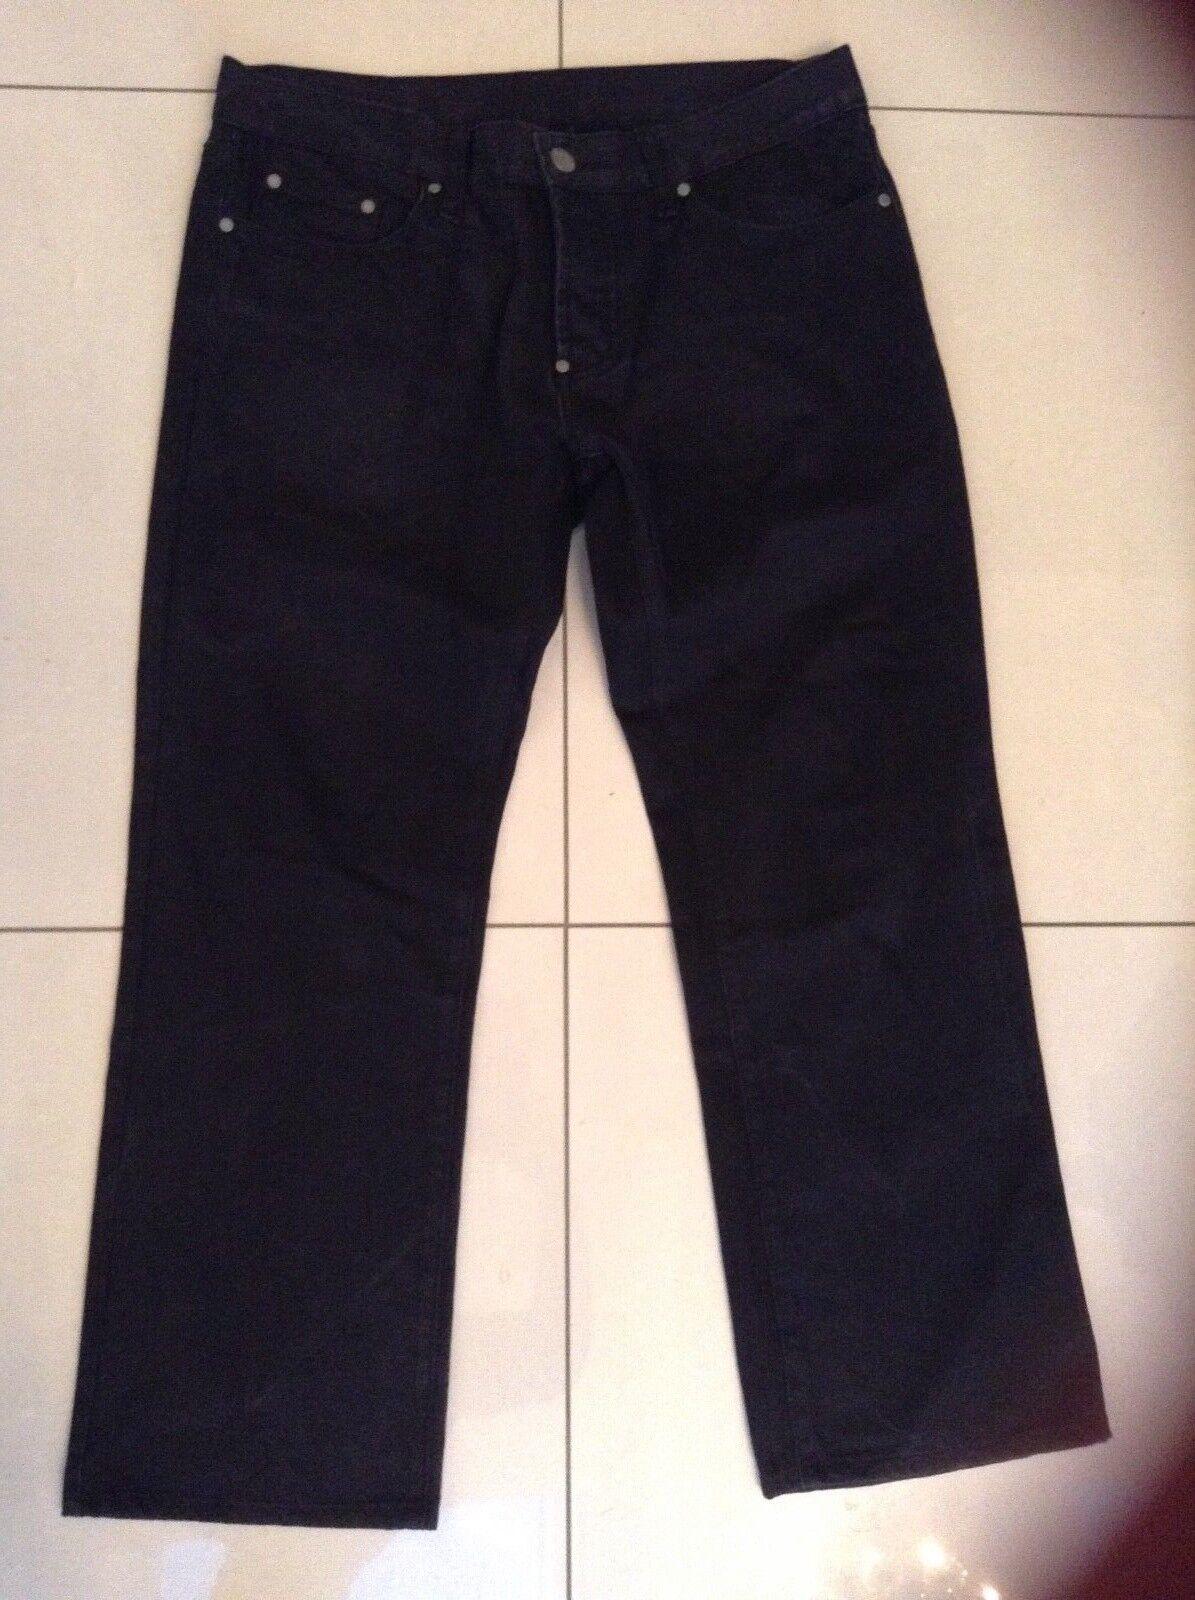 Uomo Christiano Baldinucci Jeans Pantaloni Nero Taglia EU36R